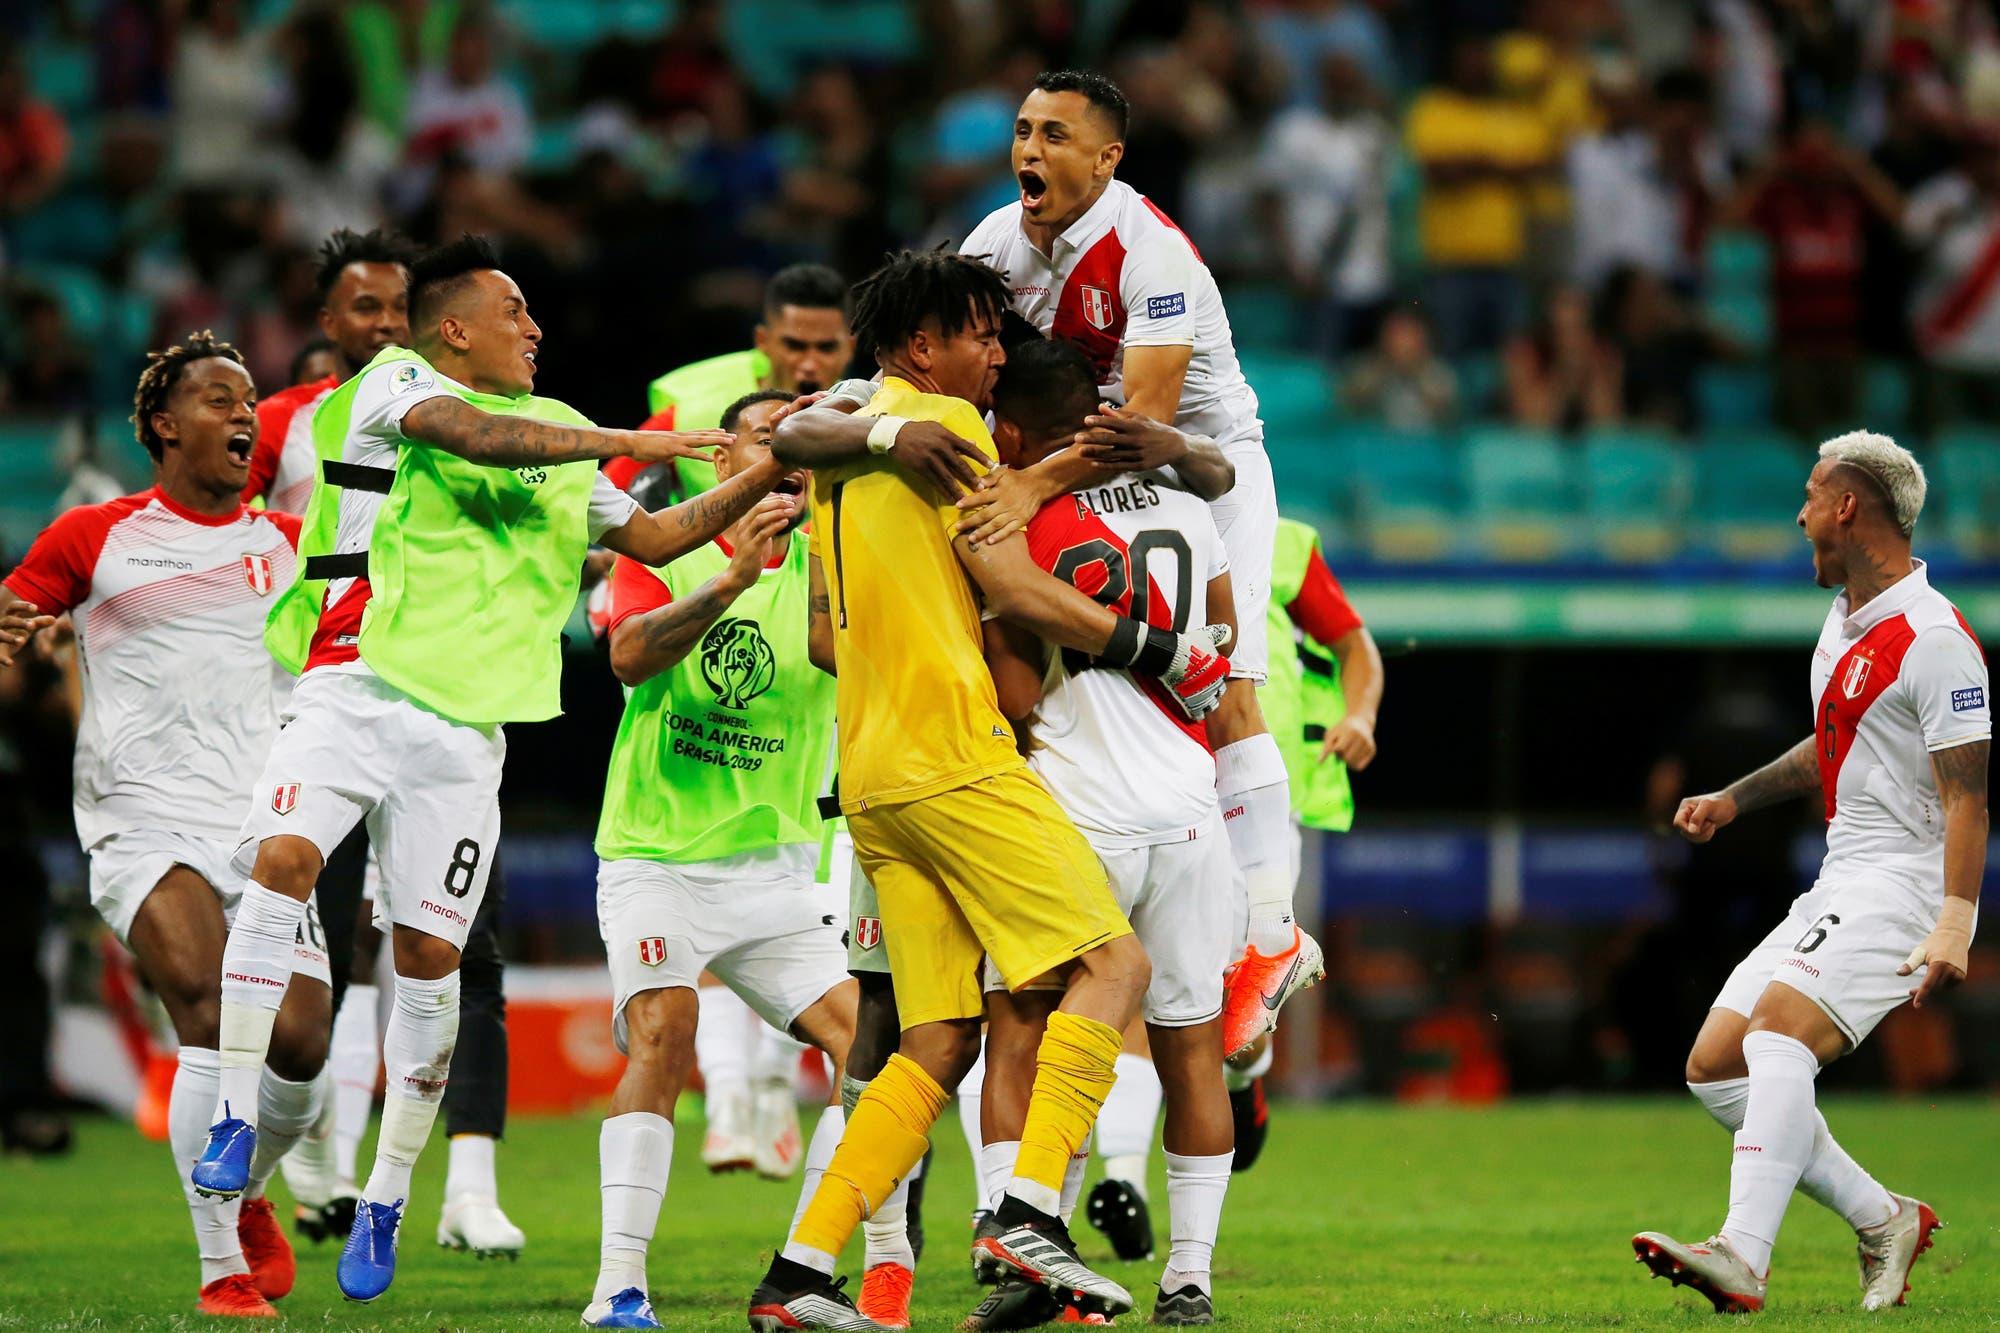 Copa América: la revancha de Gareca a una semana de un duro cachetazo